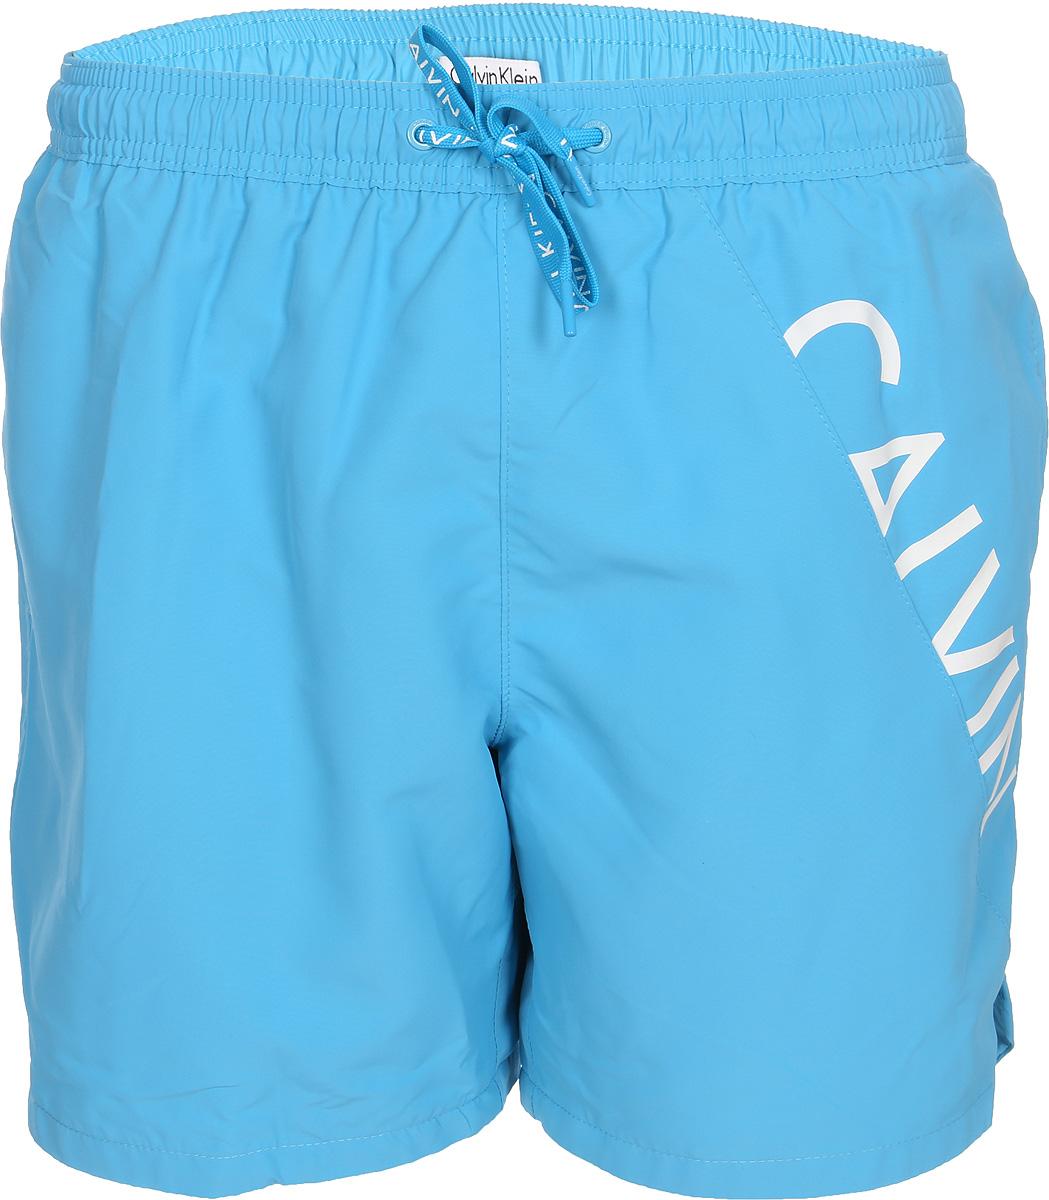 Шорты для плавания мужские Calvin Klein Underwear, цвет: голубой. KM0KM00168_409. Размер S (48) шорты женские calvin klein jeans цвет светло голубой j20j204963 размер 26 38 40